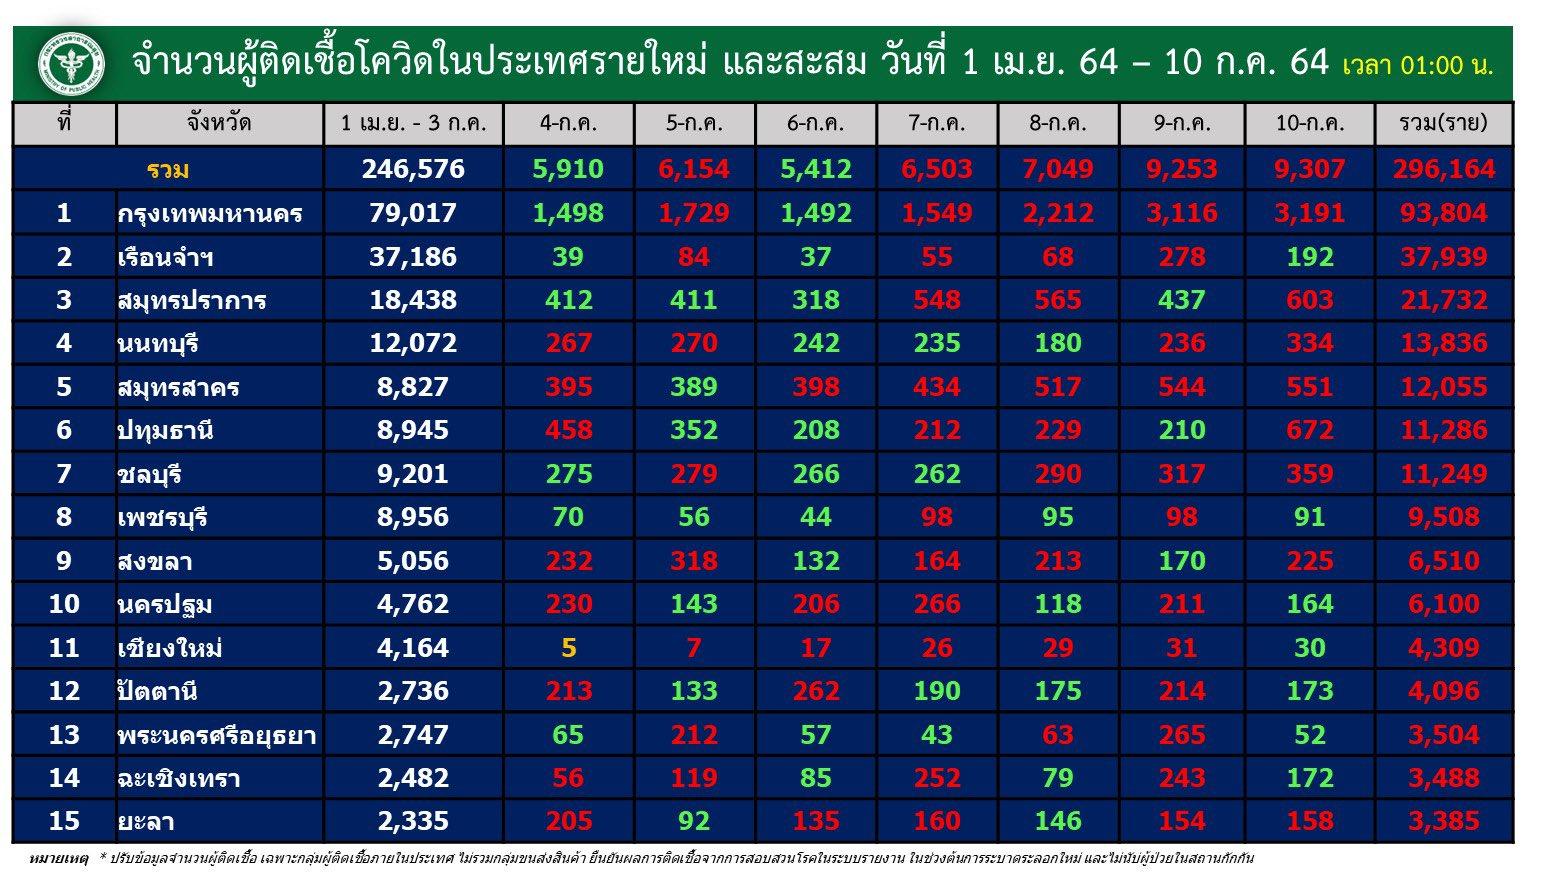 www.thaiguide.dk/images/forum/covid19/smitte%20provinser%20dag%20og%20total%2009-07-21%201.jpg